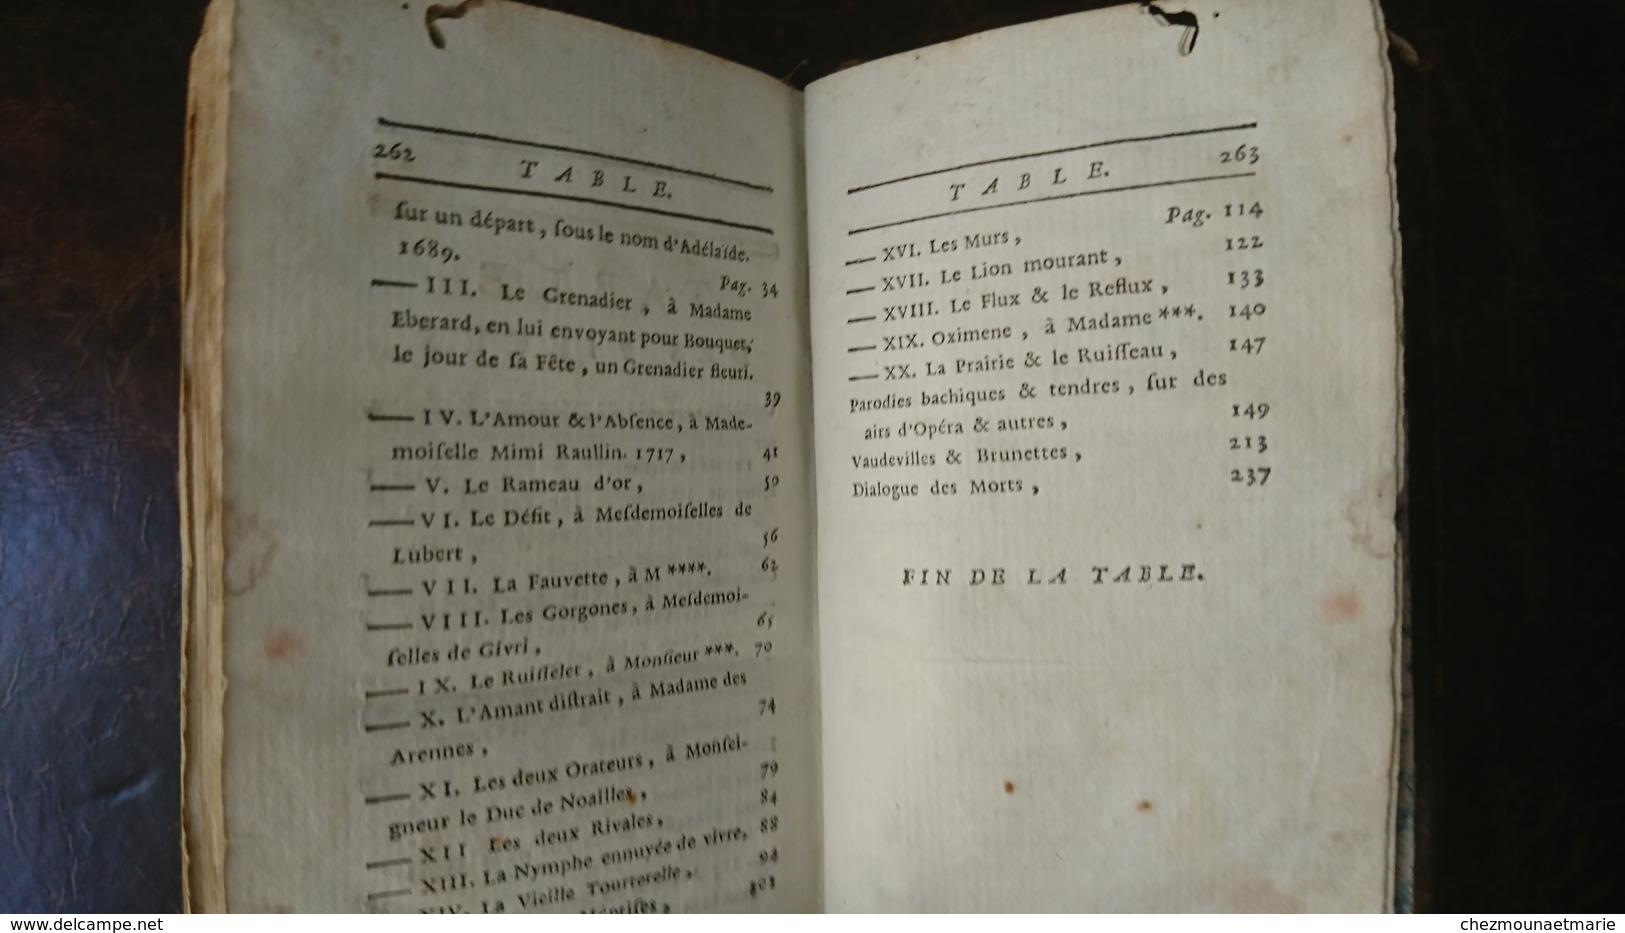 OEUVRES FABLES DE VERGIER TOME 1 LONDRES 1780 - LIVRE 263 PAGES 12.5 X 7.5 CM 110 GRAMMES - 1701-1800